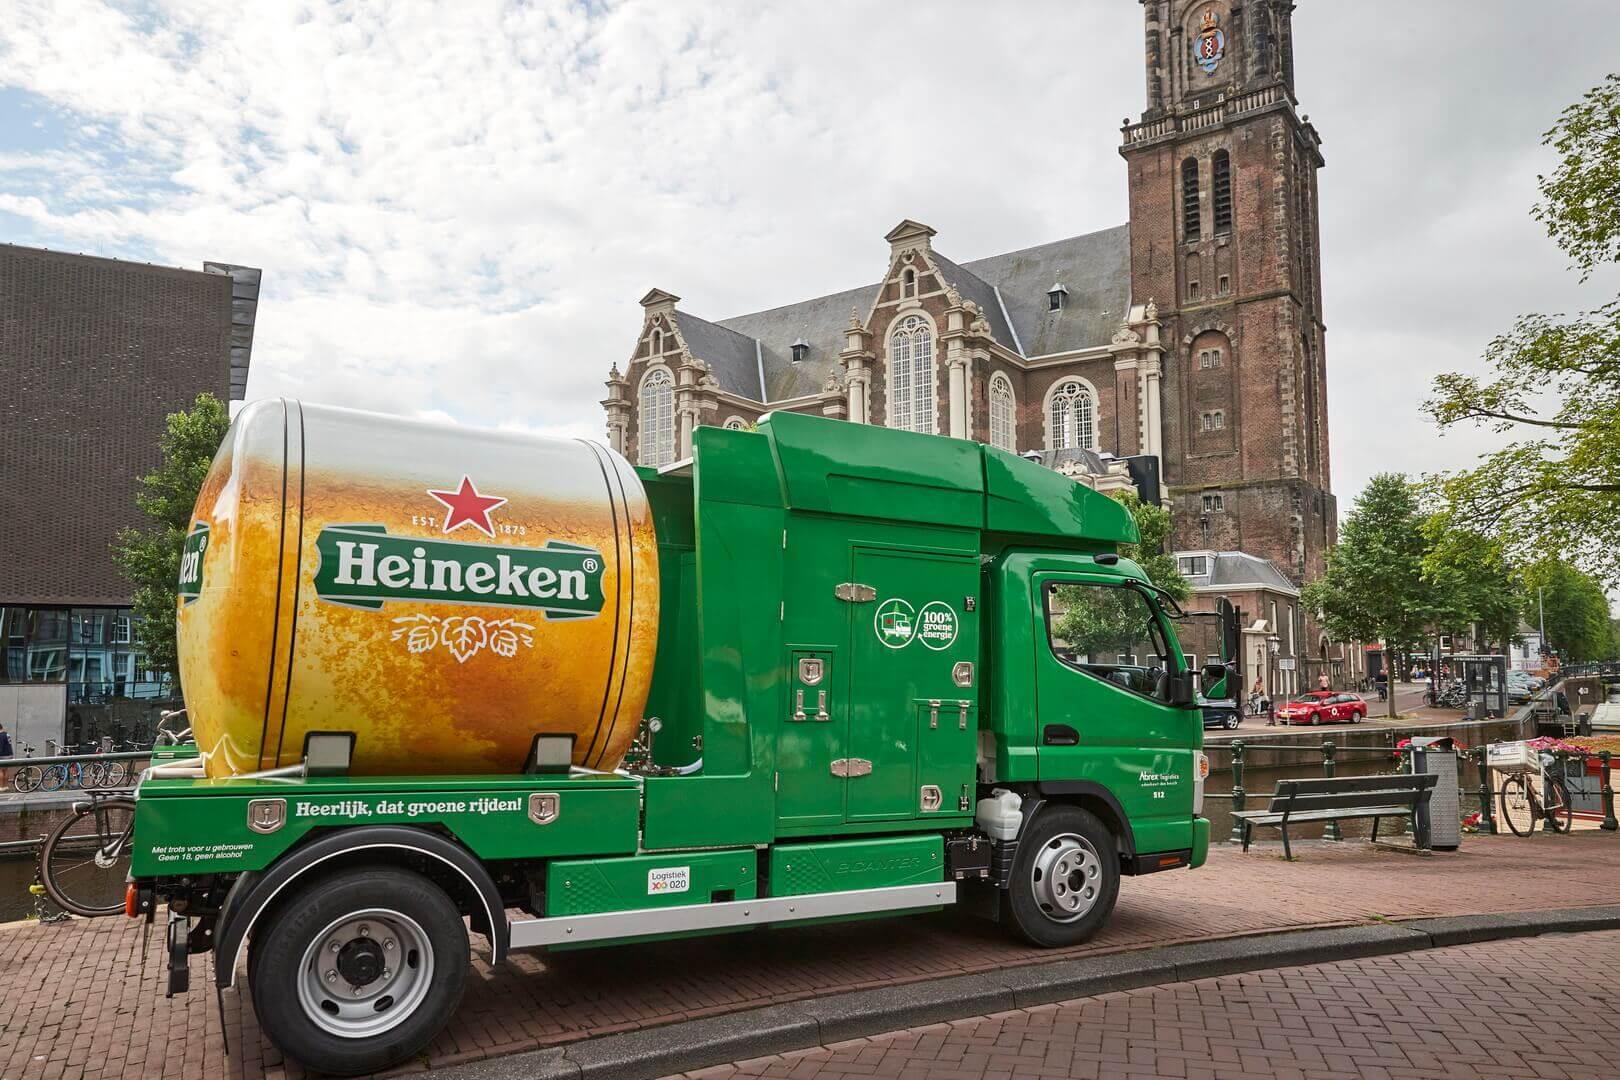 Пивоваренная компания Heineken в Амстердаме поставляет пиво в электрических пивовозах